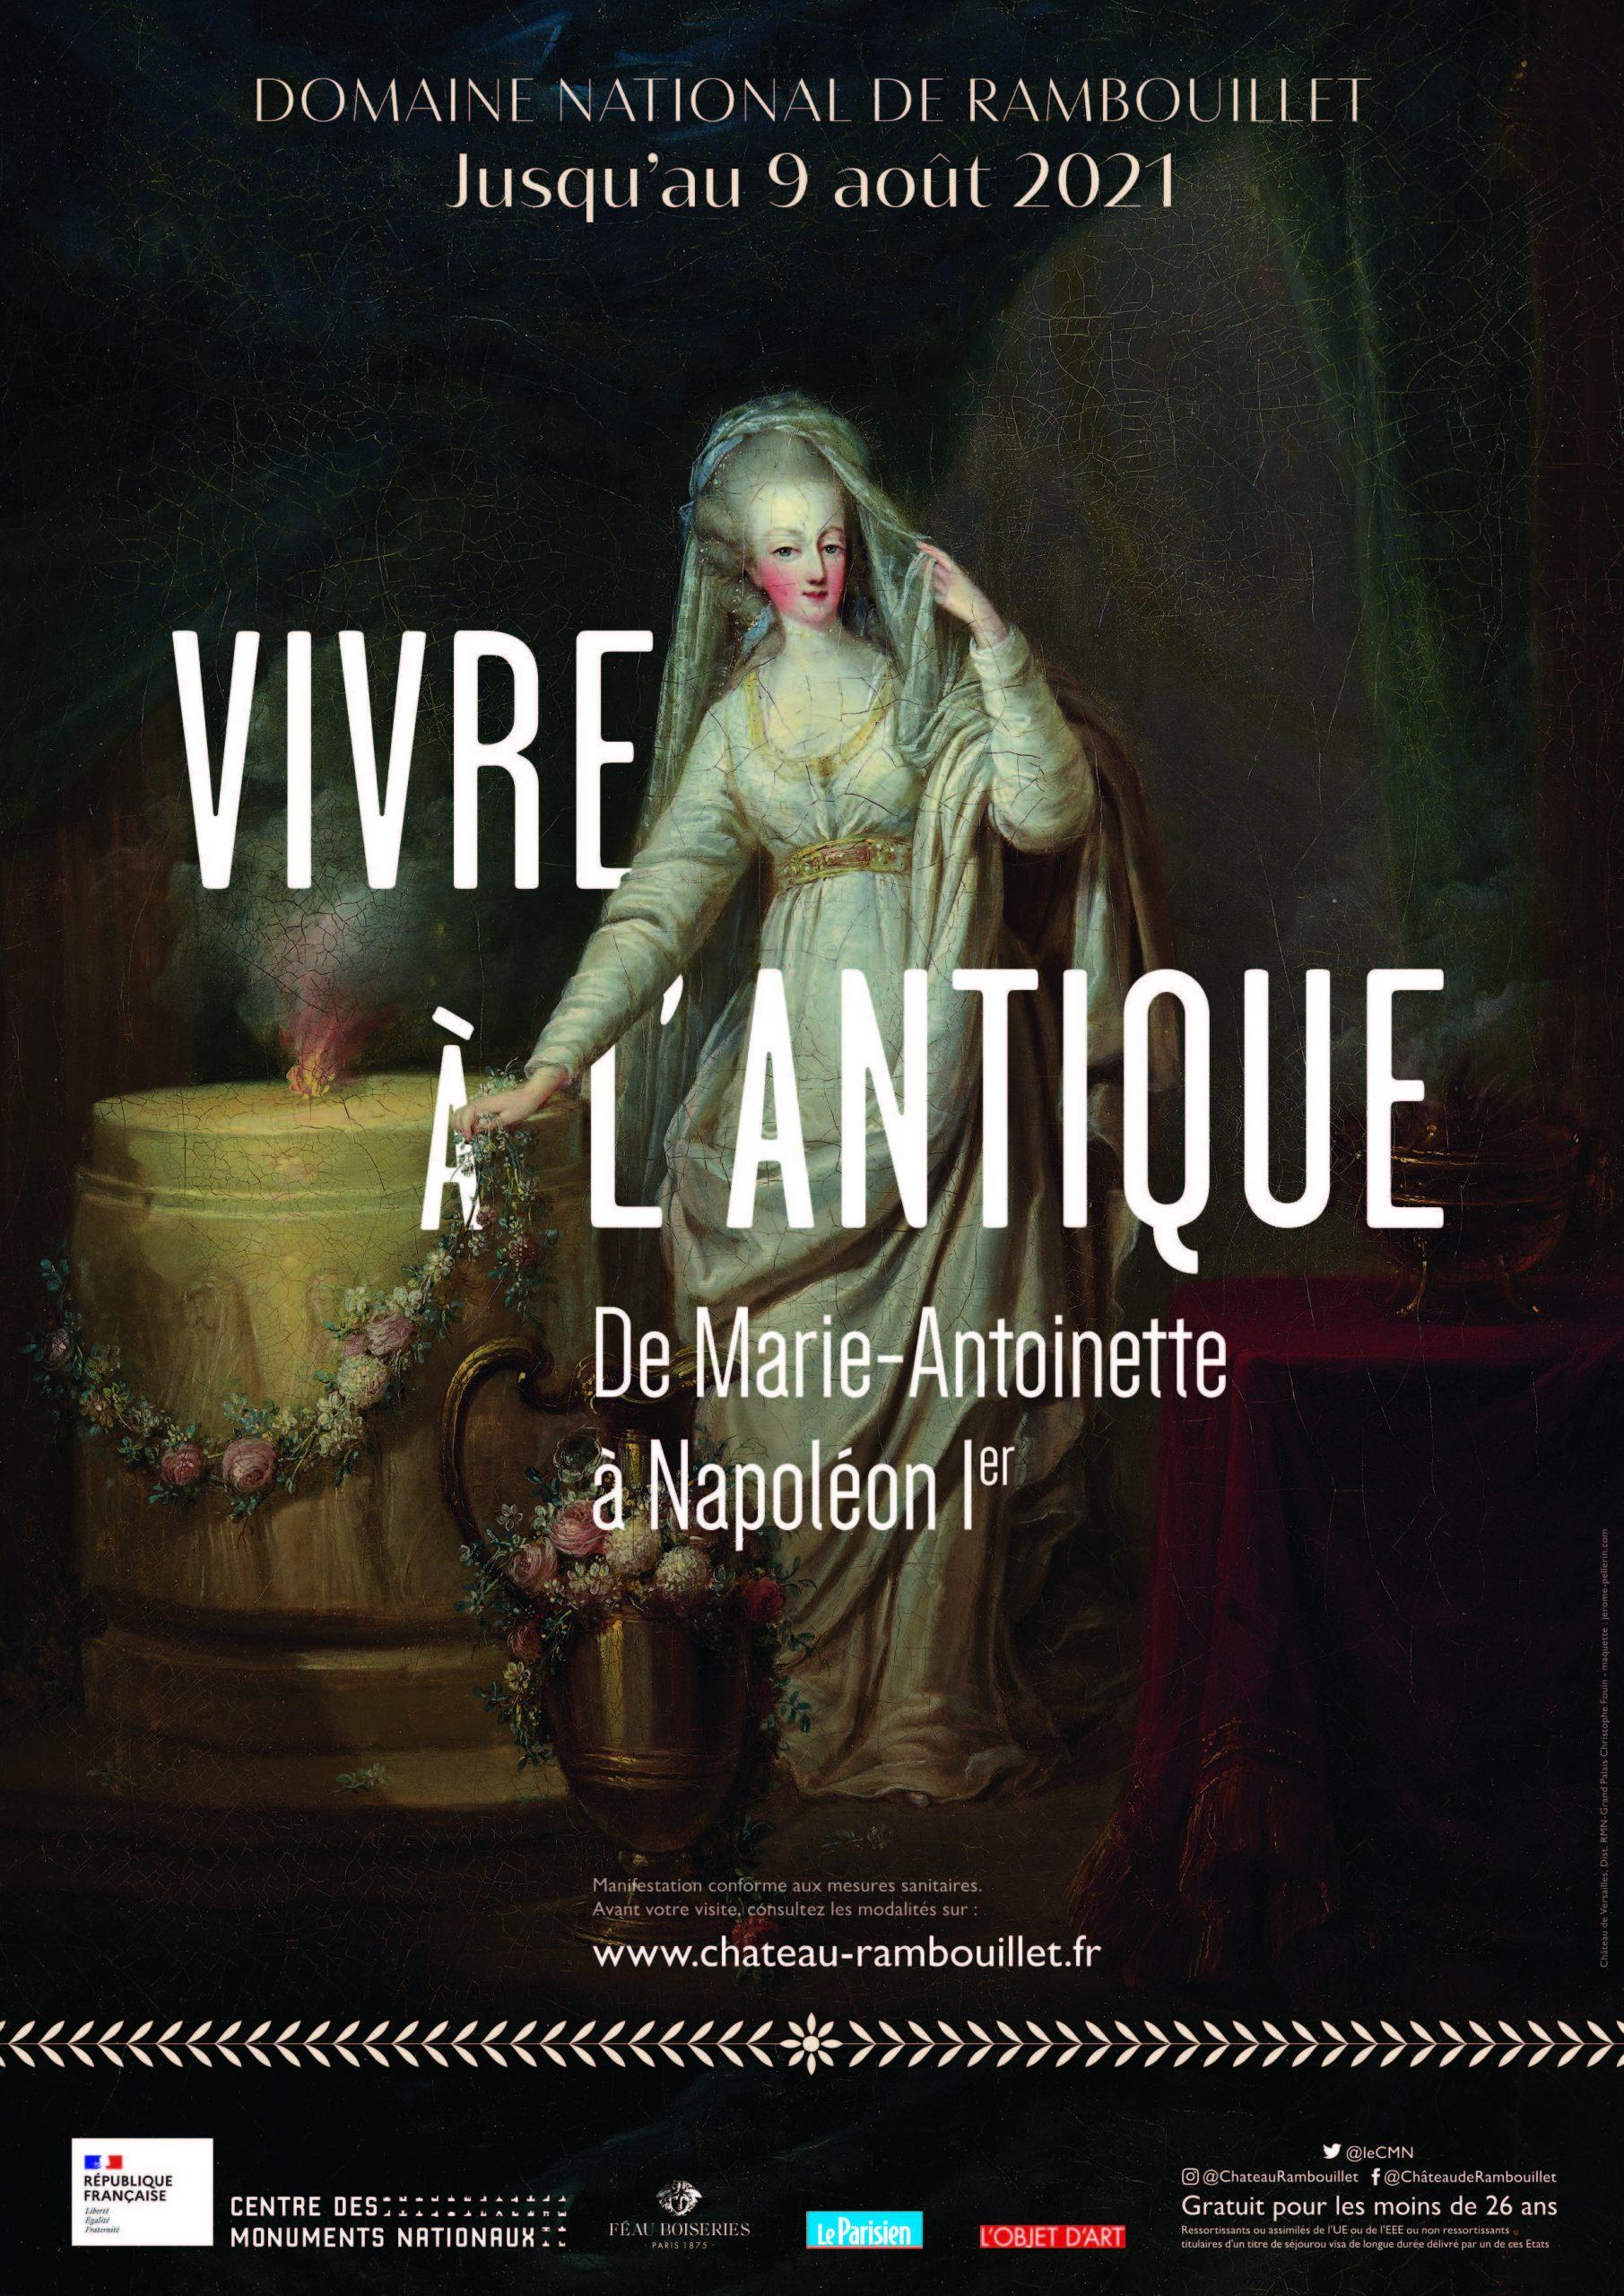 Le Centre des monuments nationaux présente l'exposition « Vivre à l'antique, de Marie Antoinette à Napoléon Ier » au château de Rambouillet